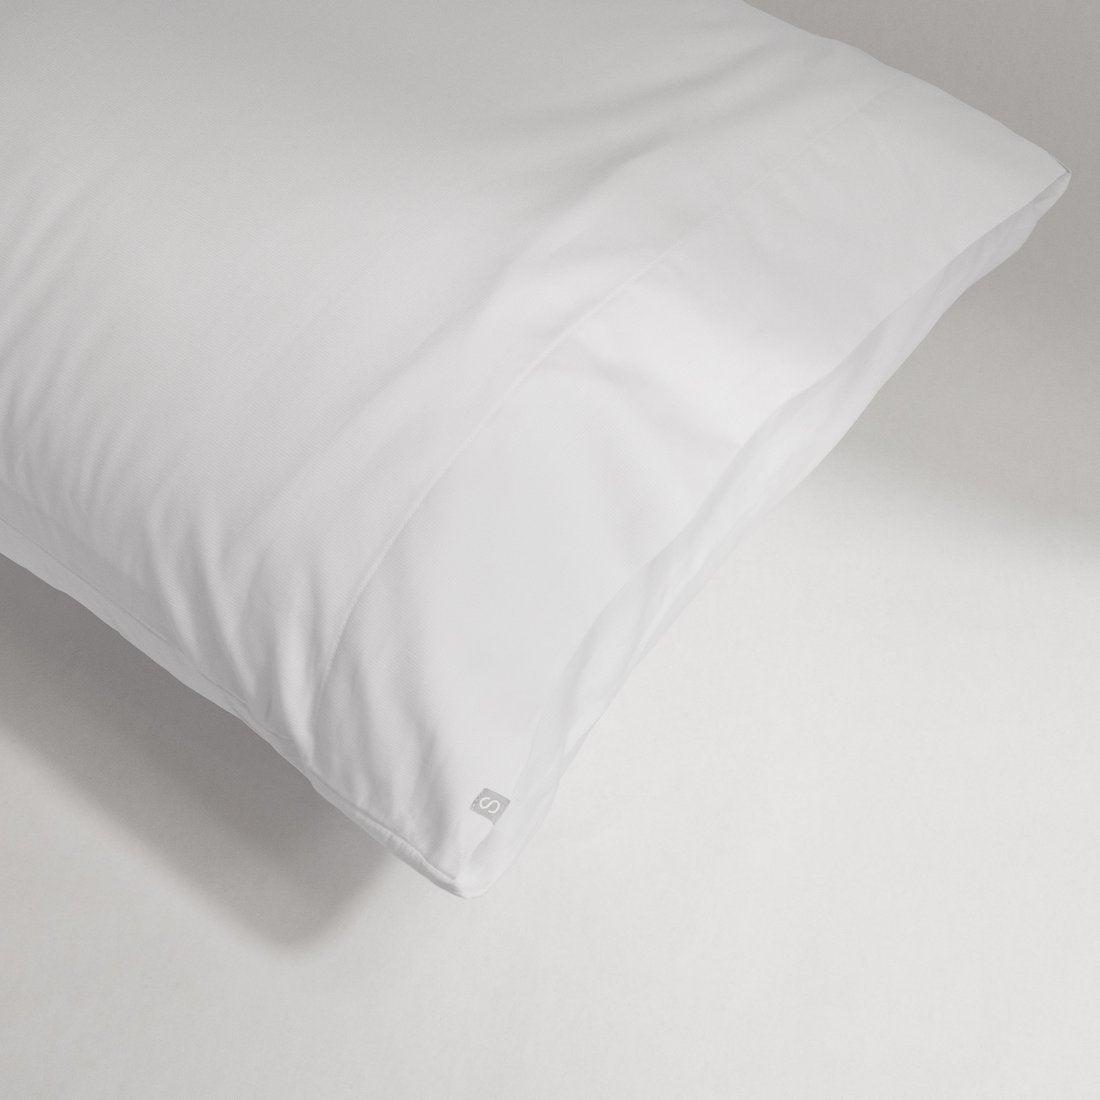 Silvon® Pillowcase